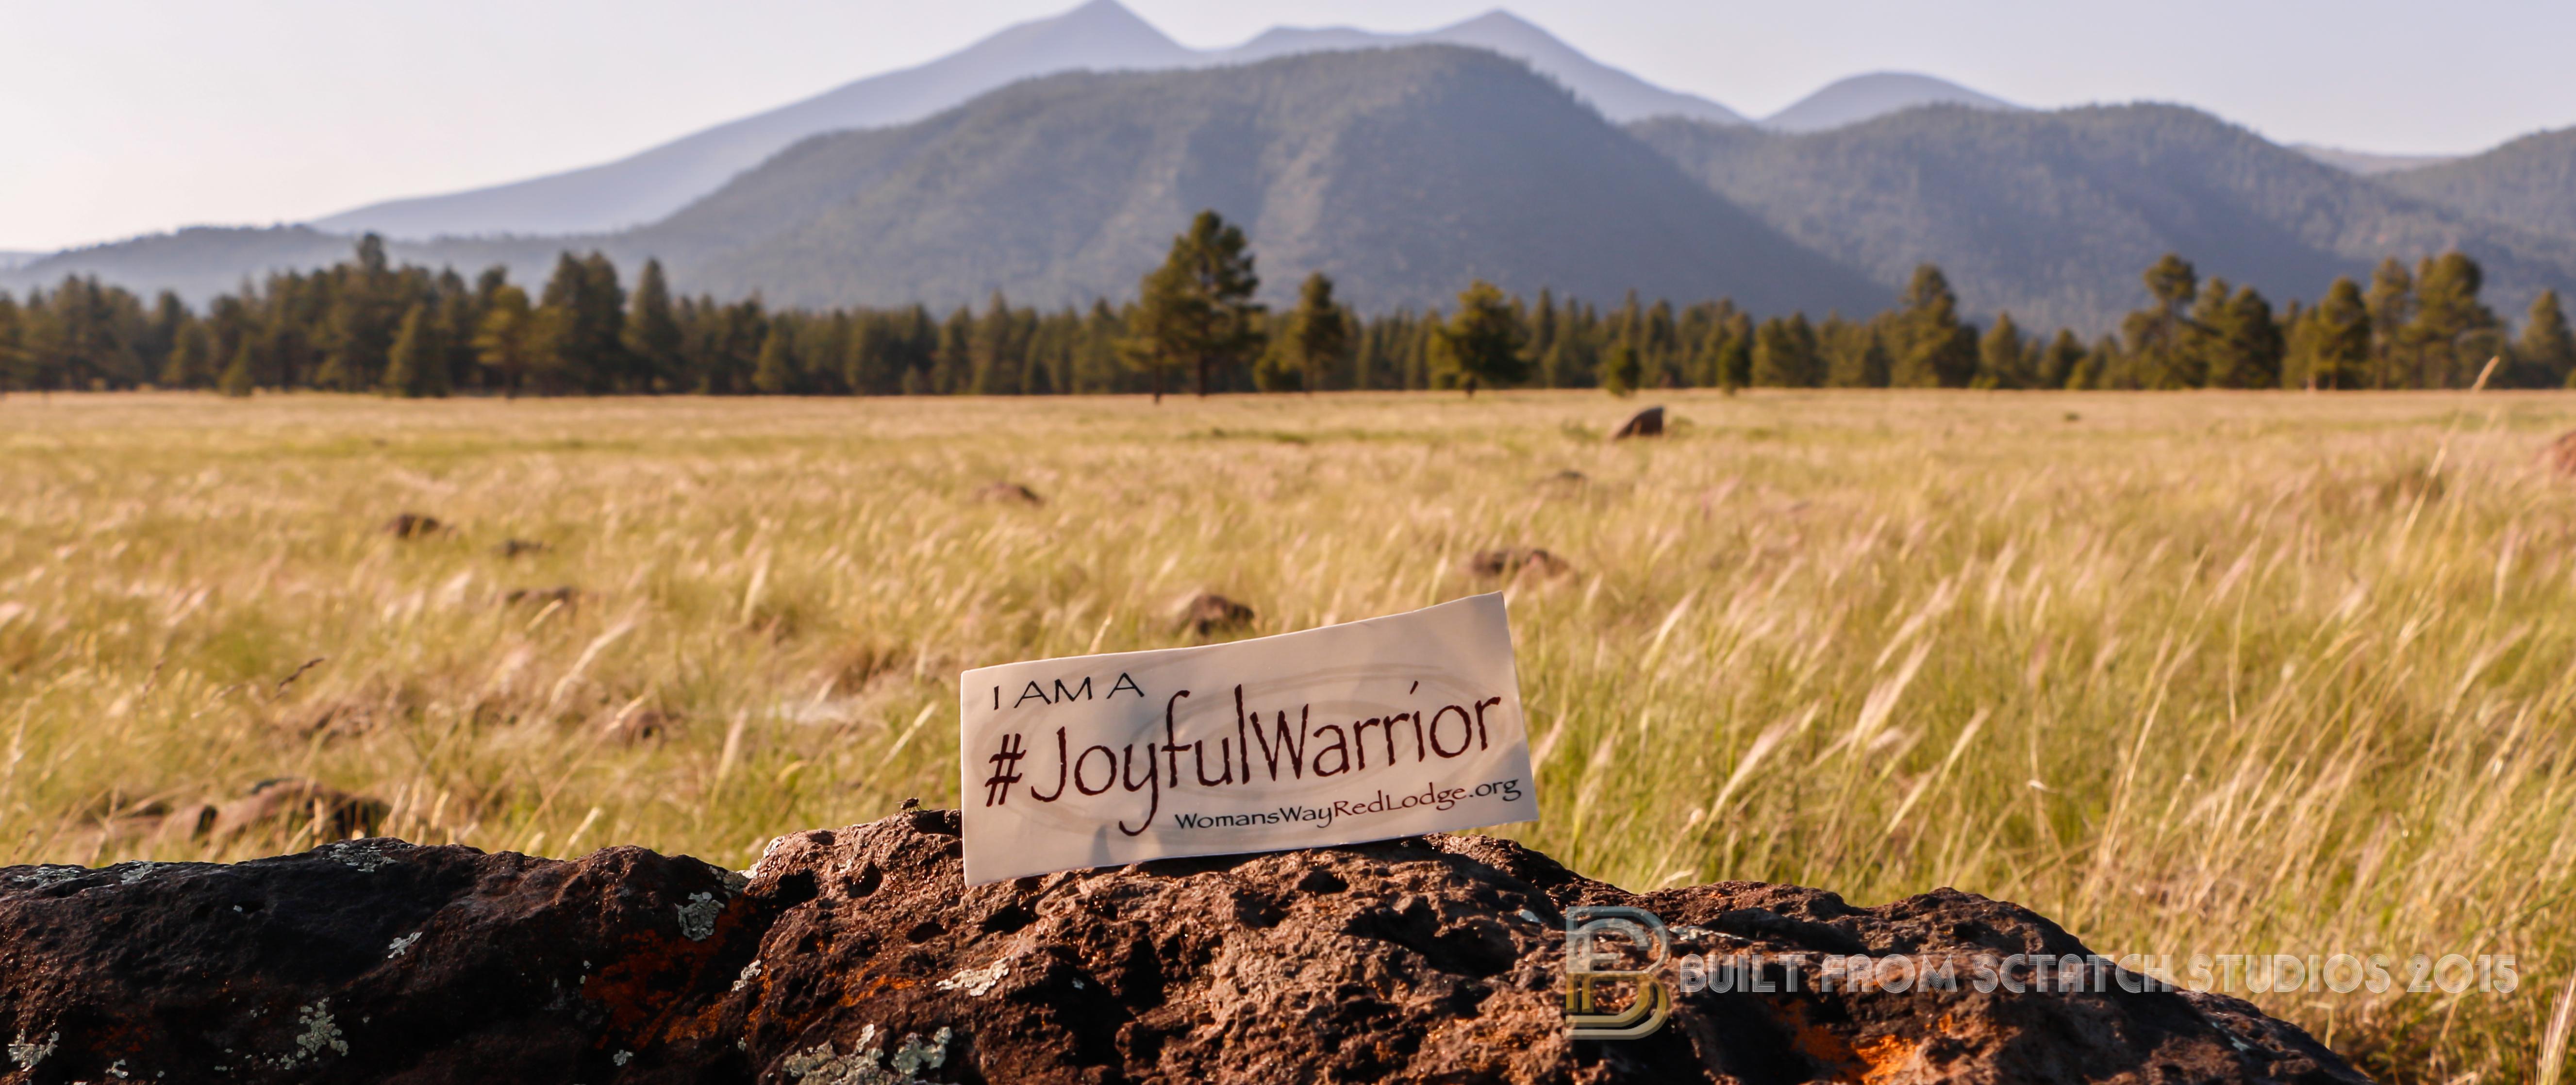 WWRL Joyful Warriors